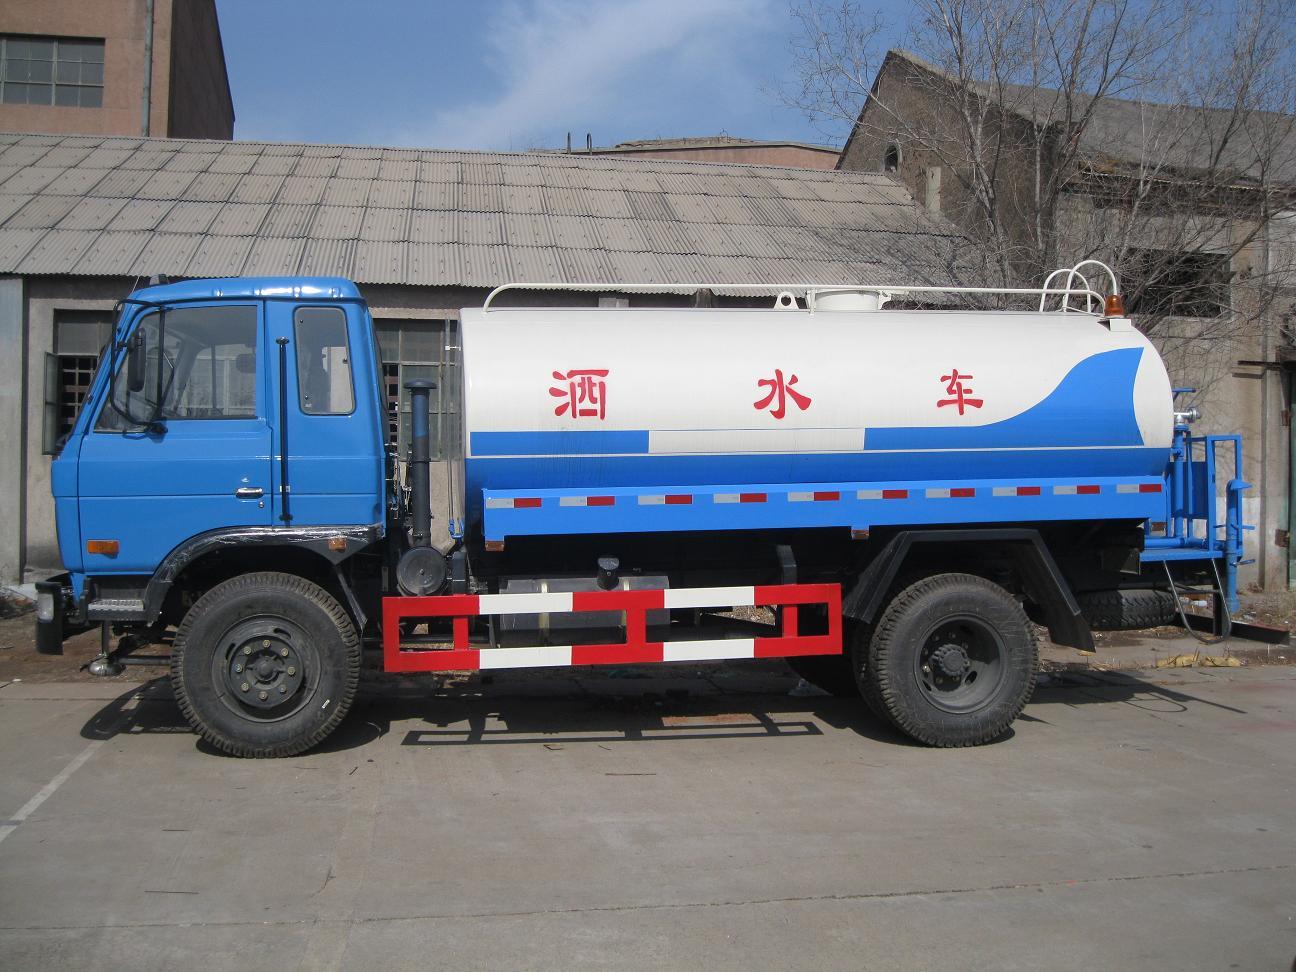 供应洒水车8吨洒水车 10吨洒水车 济南洒水车 洒水车 8吨洒水车